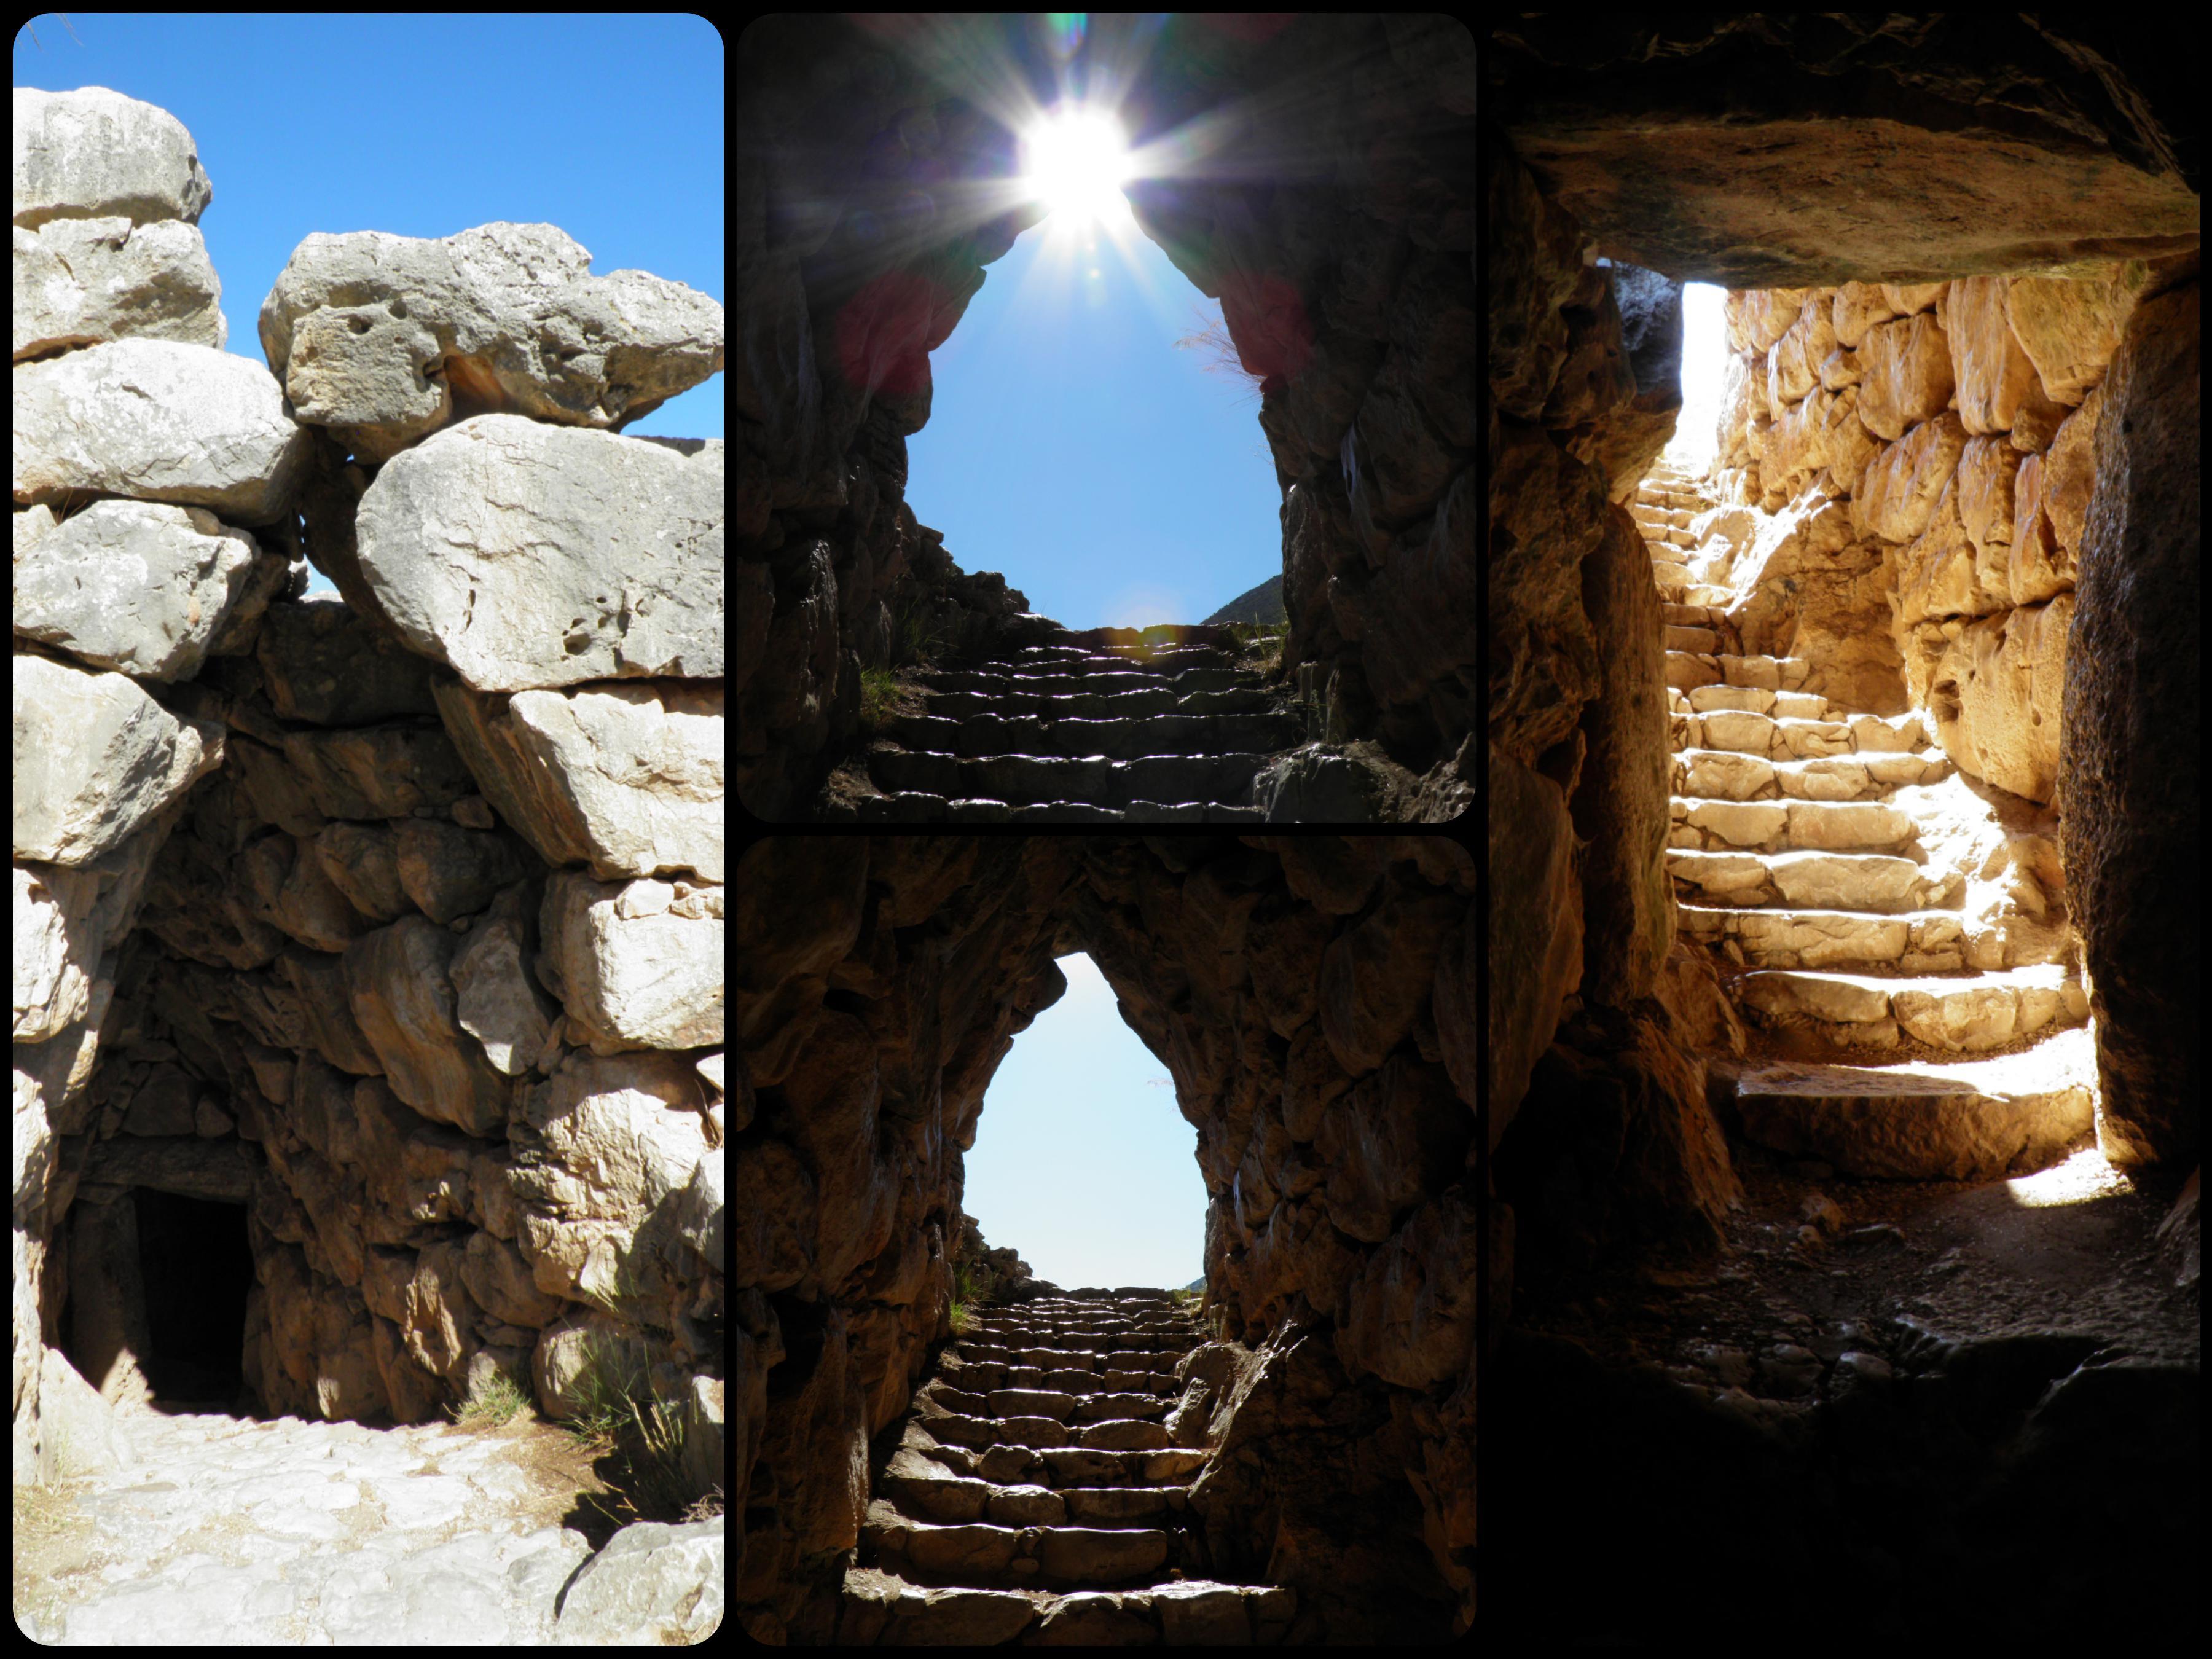 Sfondi antico roccia turismo grecia rovine for Sito storico